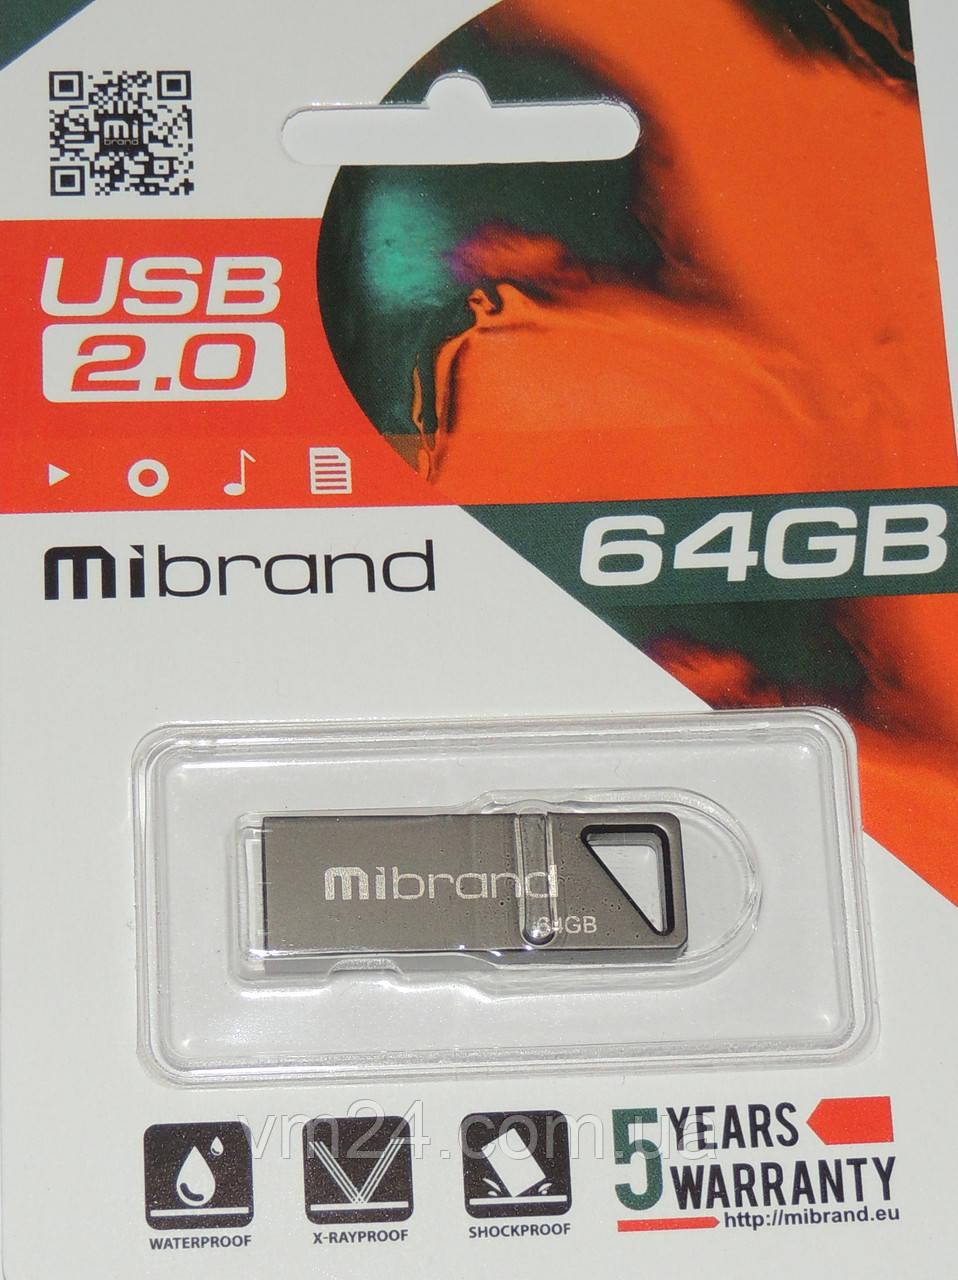 USB флеш Mibrand 64GB 2.0 Metal гарантія 2 роки